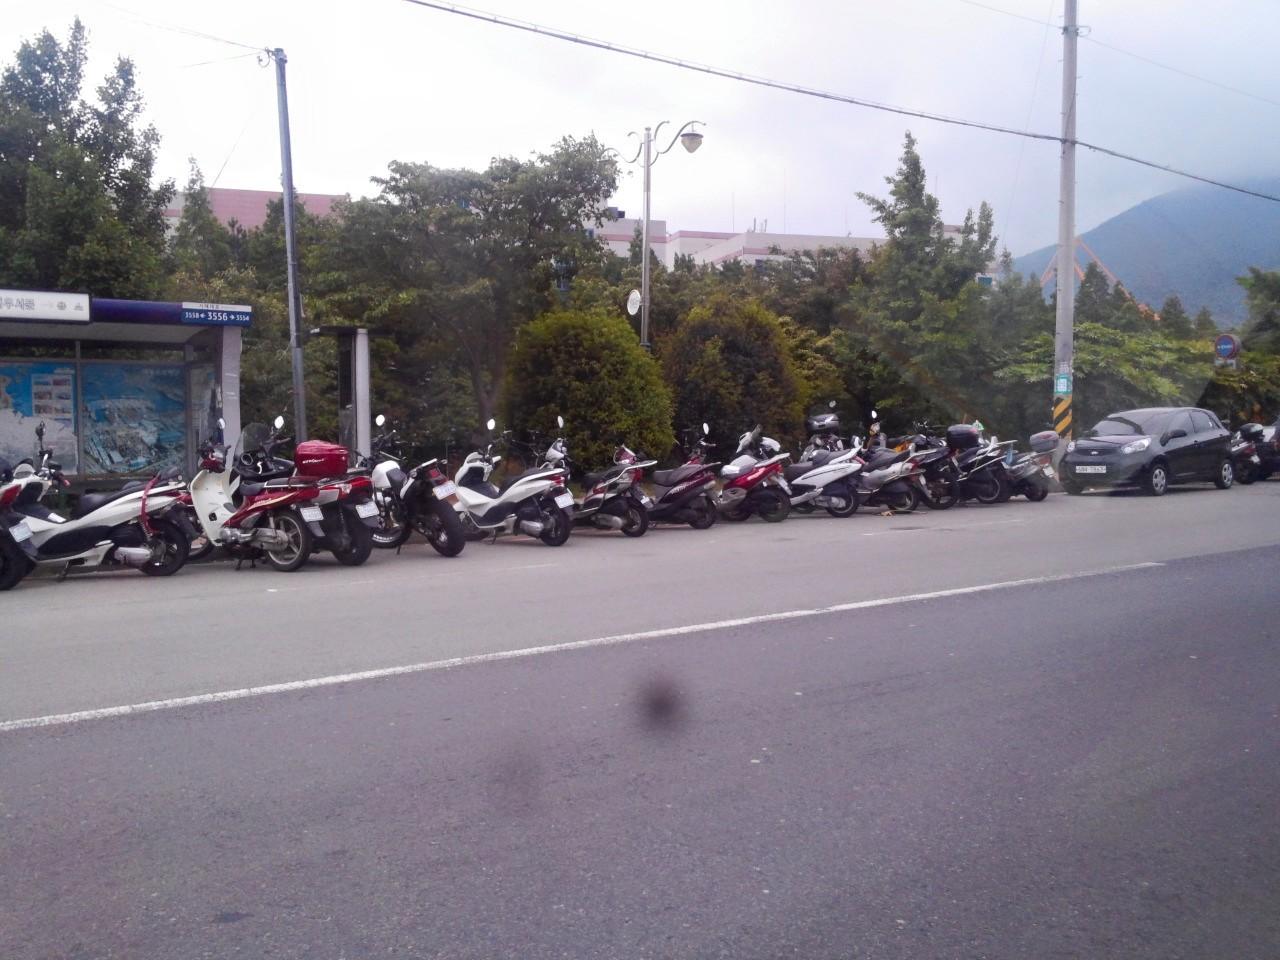 오토바이 대우조선해양 앞을 지날때면 수많은 오토바이 행렬로 베트남을 연상케한다.